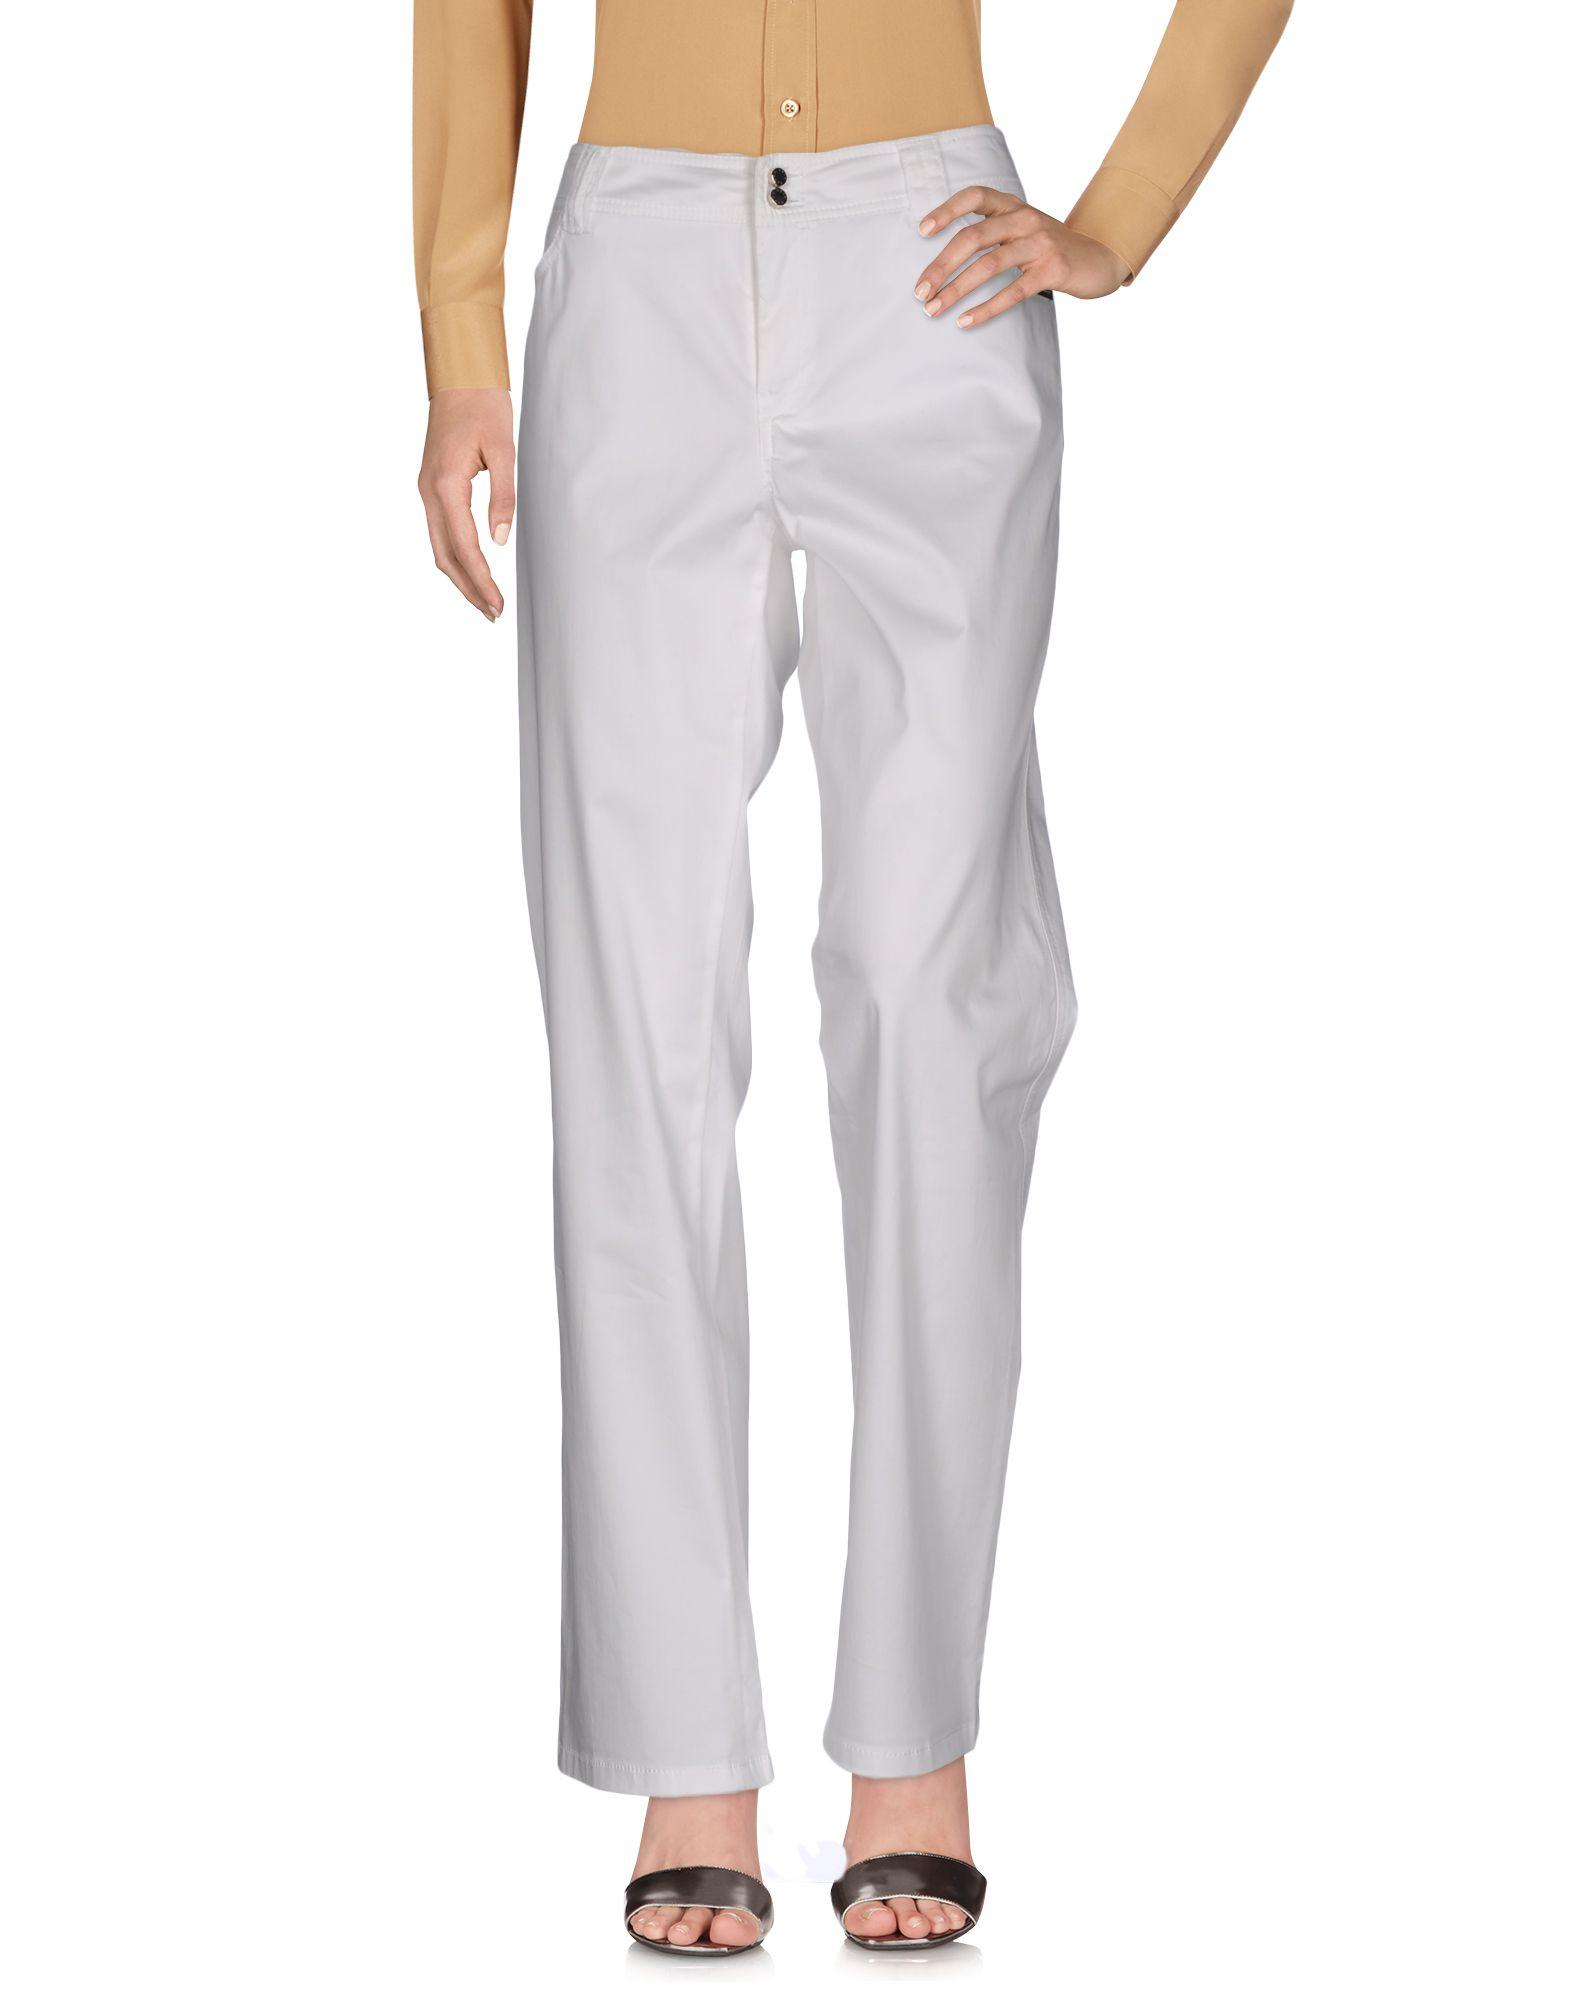 ALBA CONDE Damen Hose Farbe Weiß Größe 8